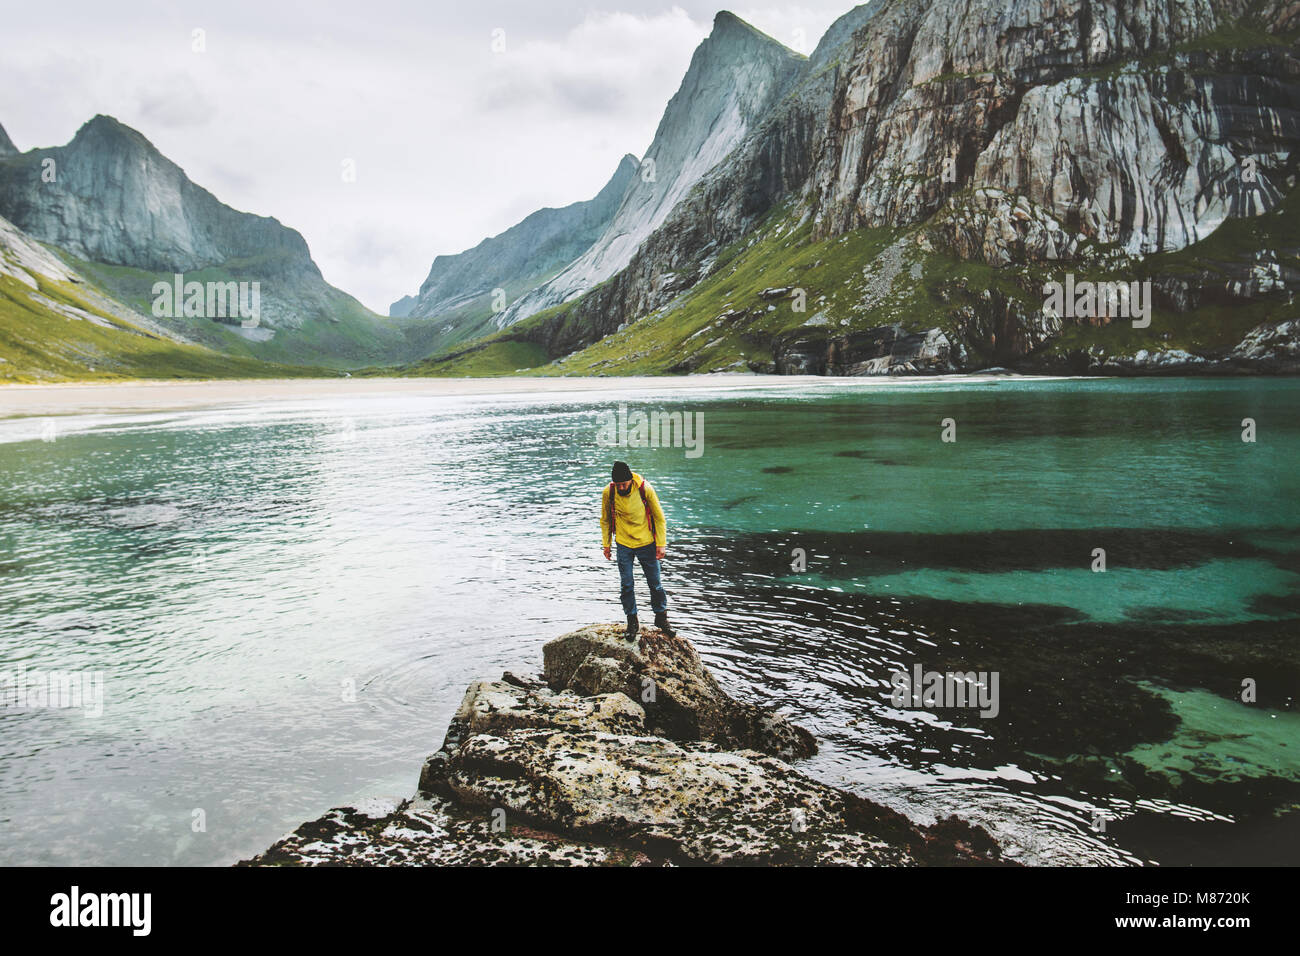 Viajero solitario hombre de pie en el mar viajes de piedra concepto de aventura en el estilo de vida de vacaciones Imagen De Stock